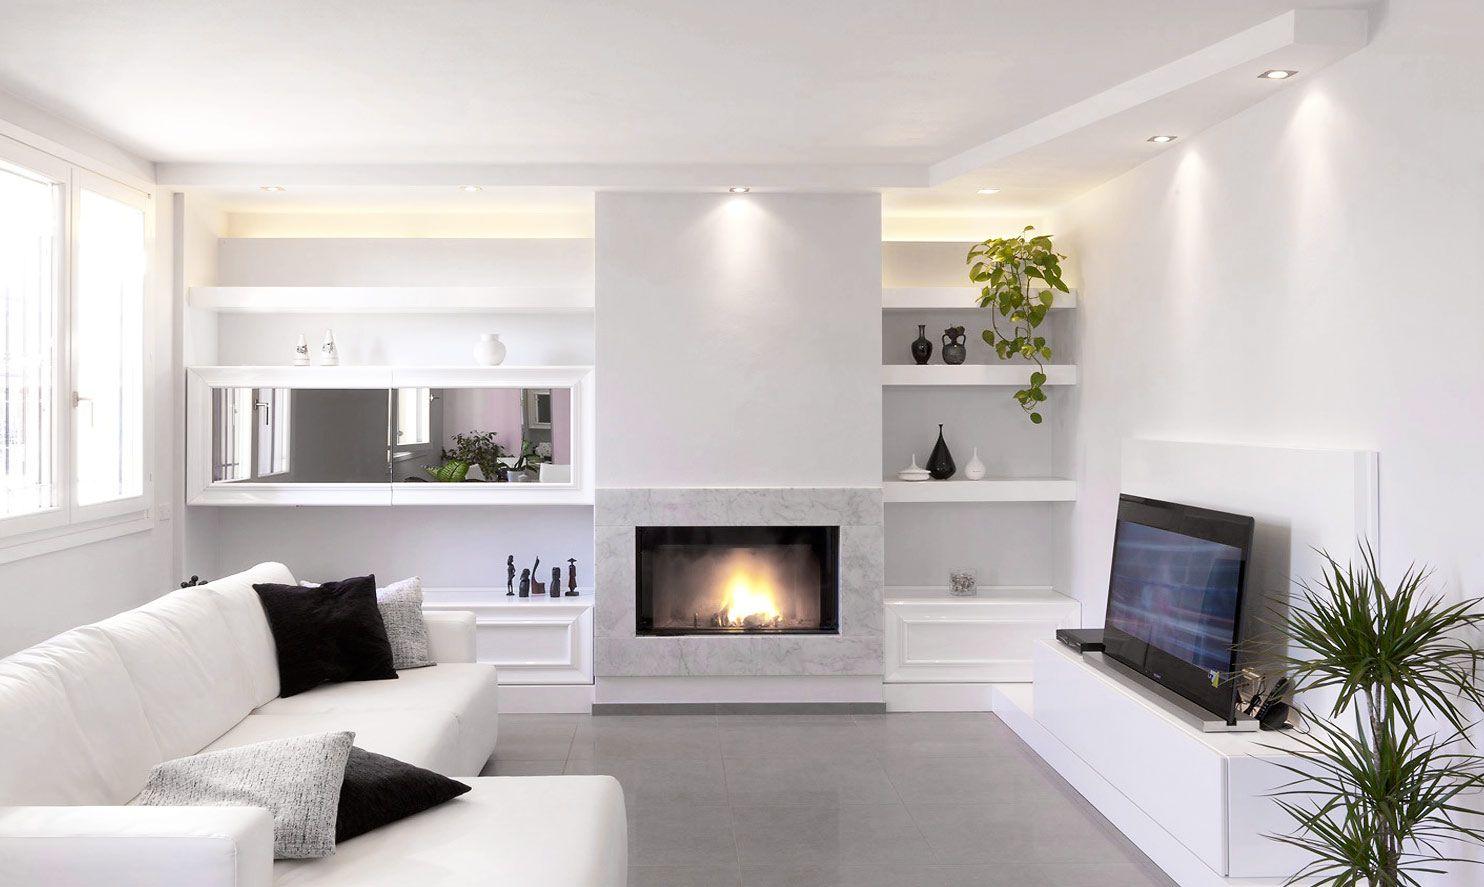 Mensole In Cartongesso Ad Angolo bg image (con immagini) | pareti soggiorno, arredamento sala